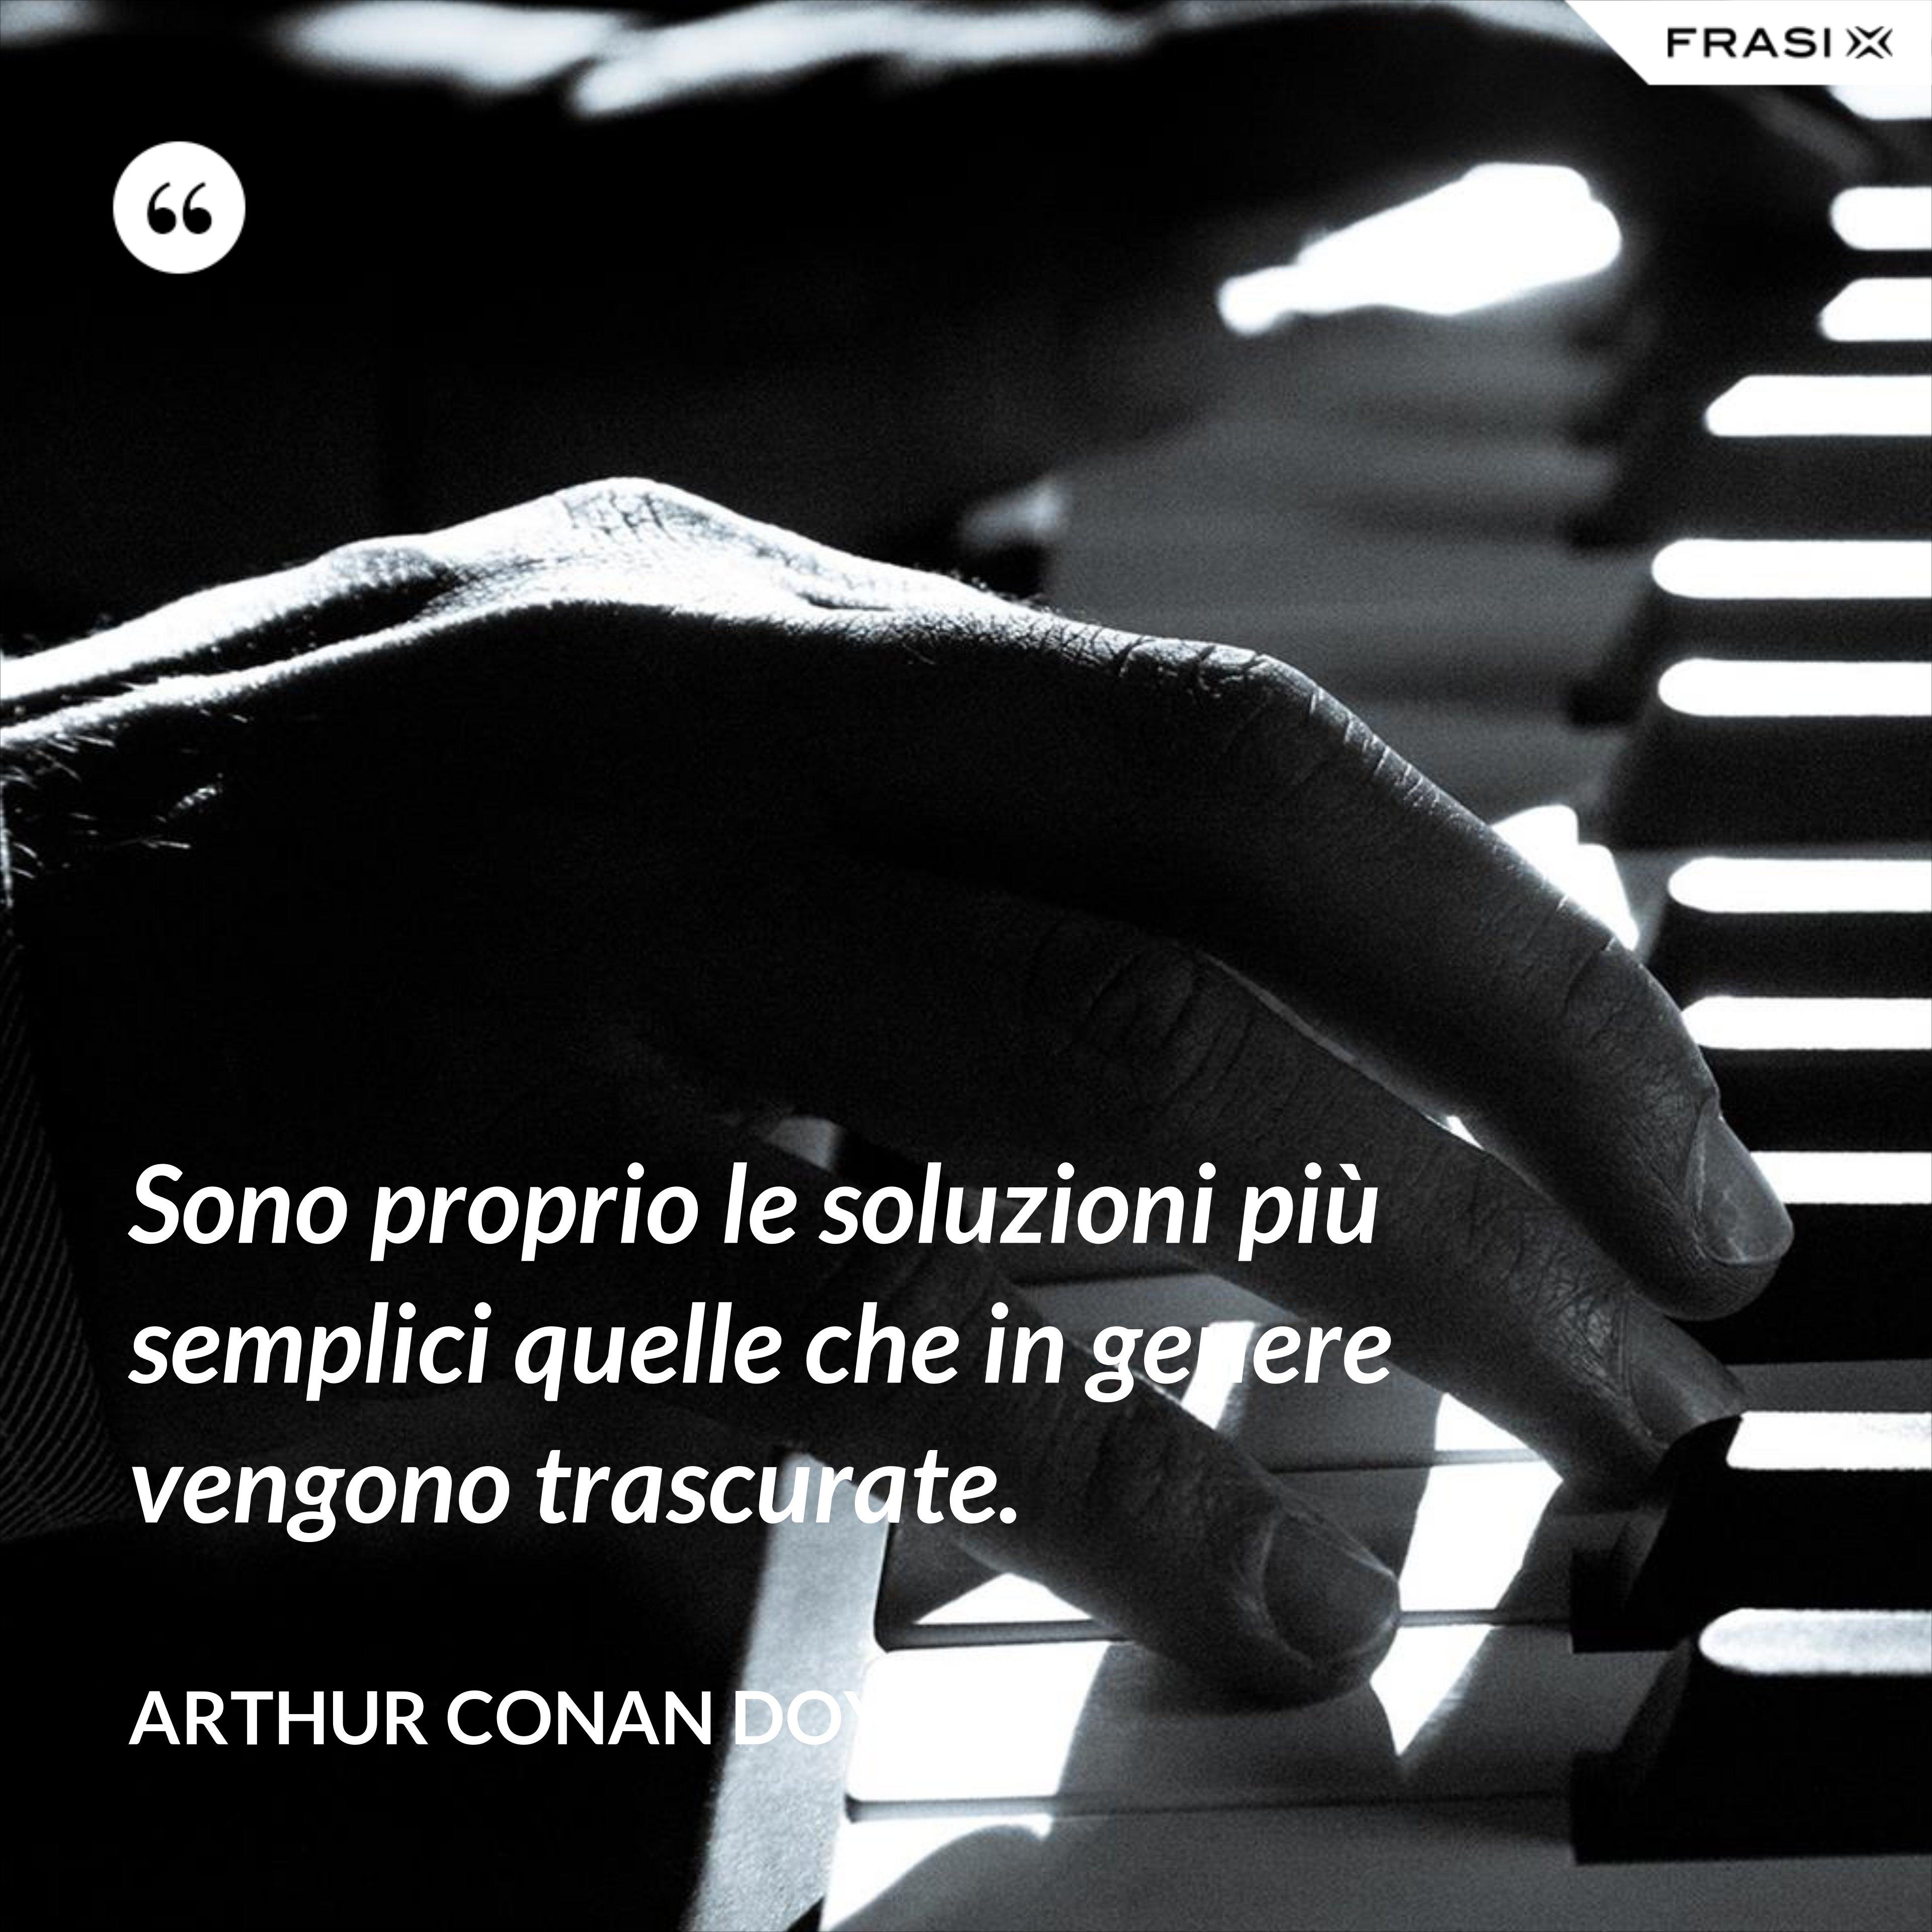 Sono proprio le soluzioni più semplici quelle che in genere vengono trascurate. - Arthur Conan Doyle